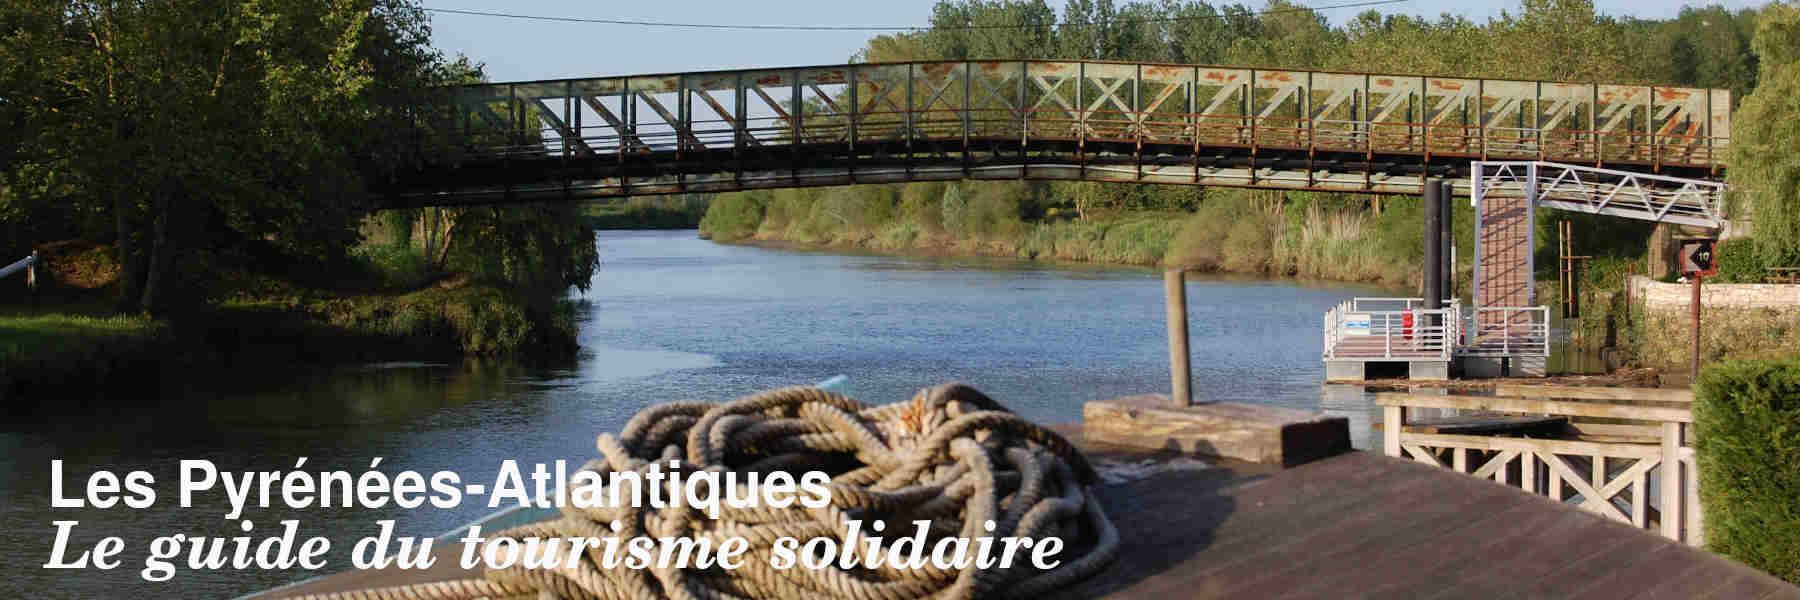 Le guide du tourisme solidaire en Pyrénées-Atlantiques